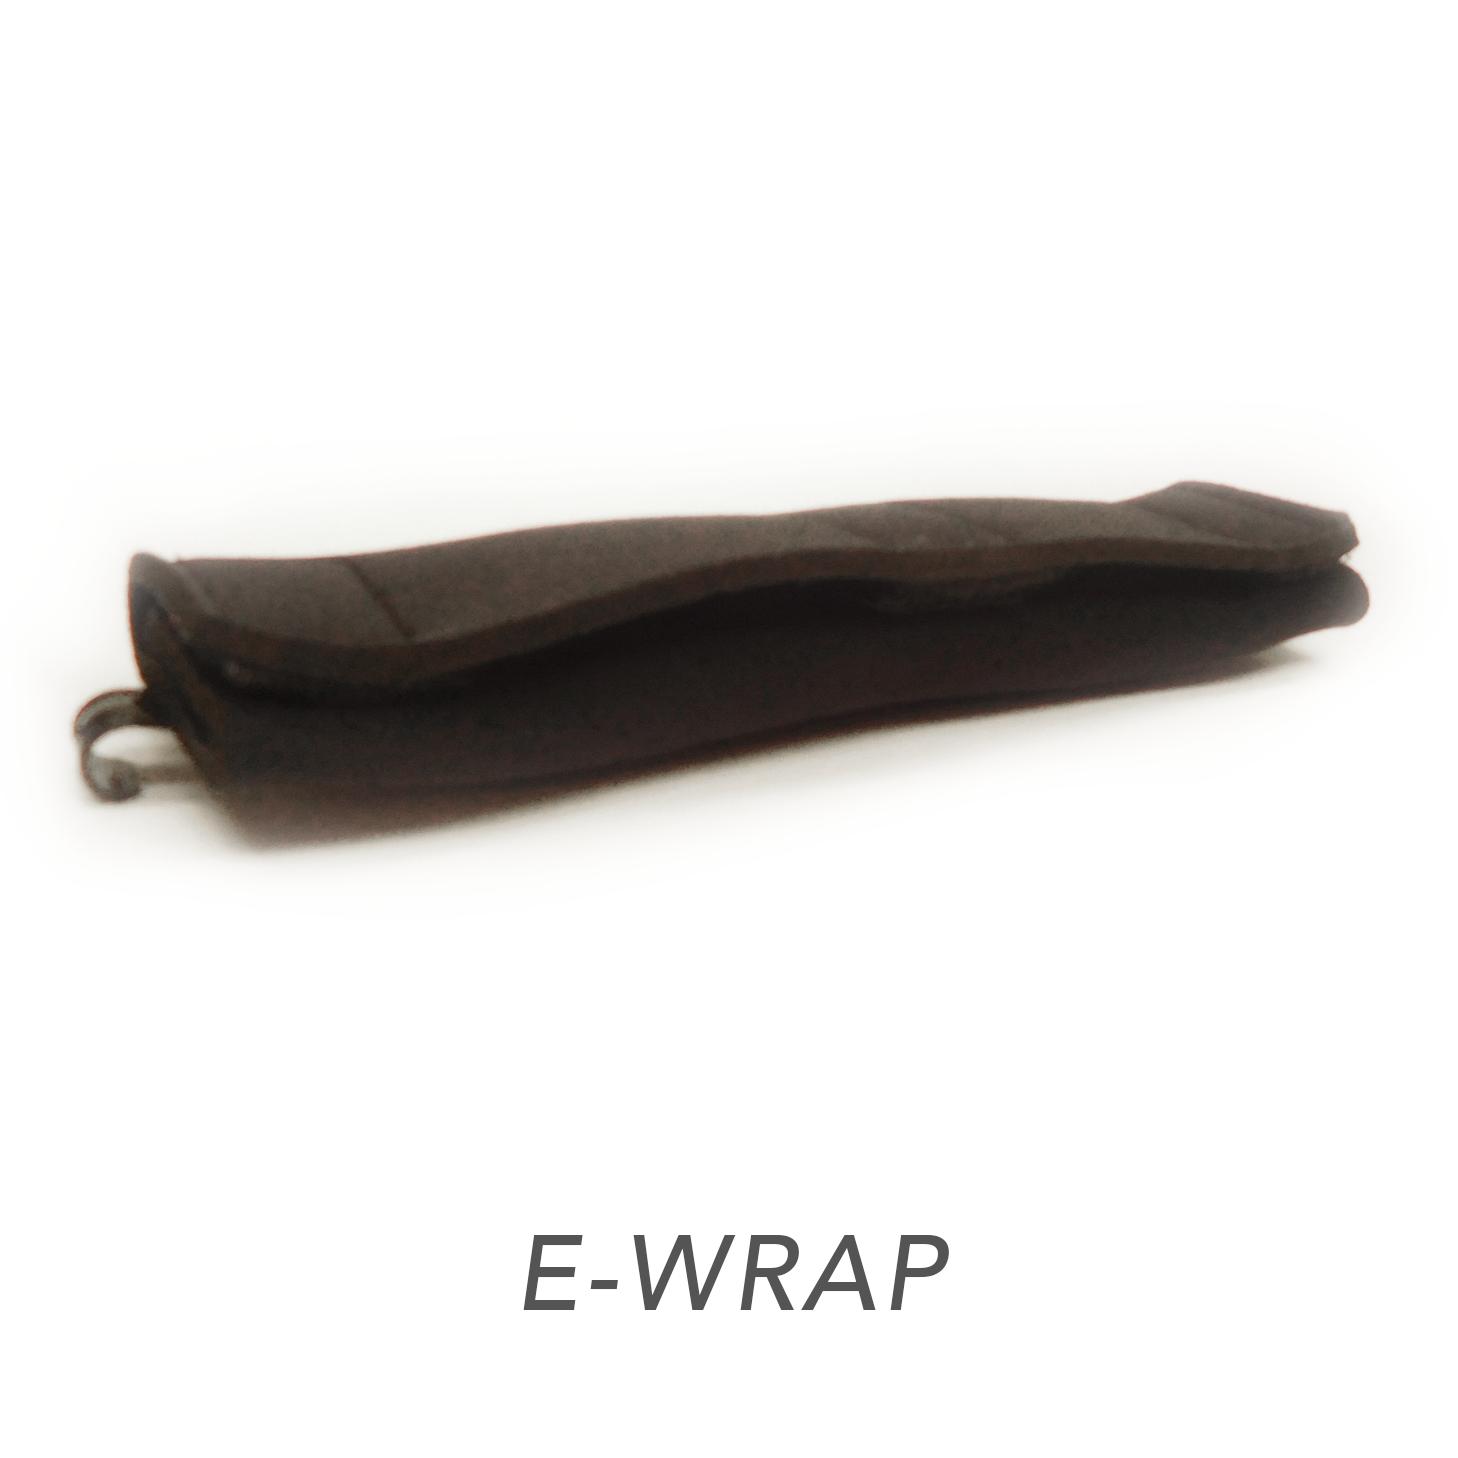 ewrap.png